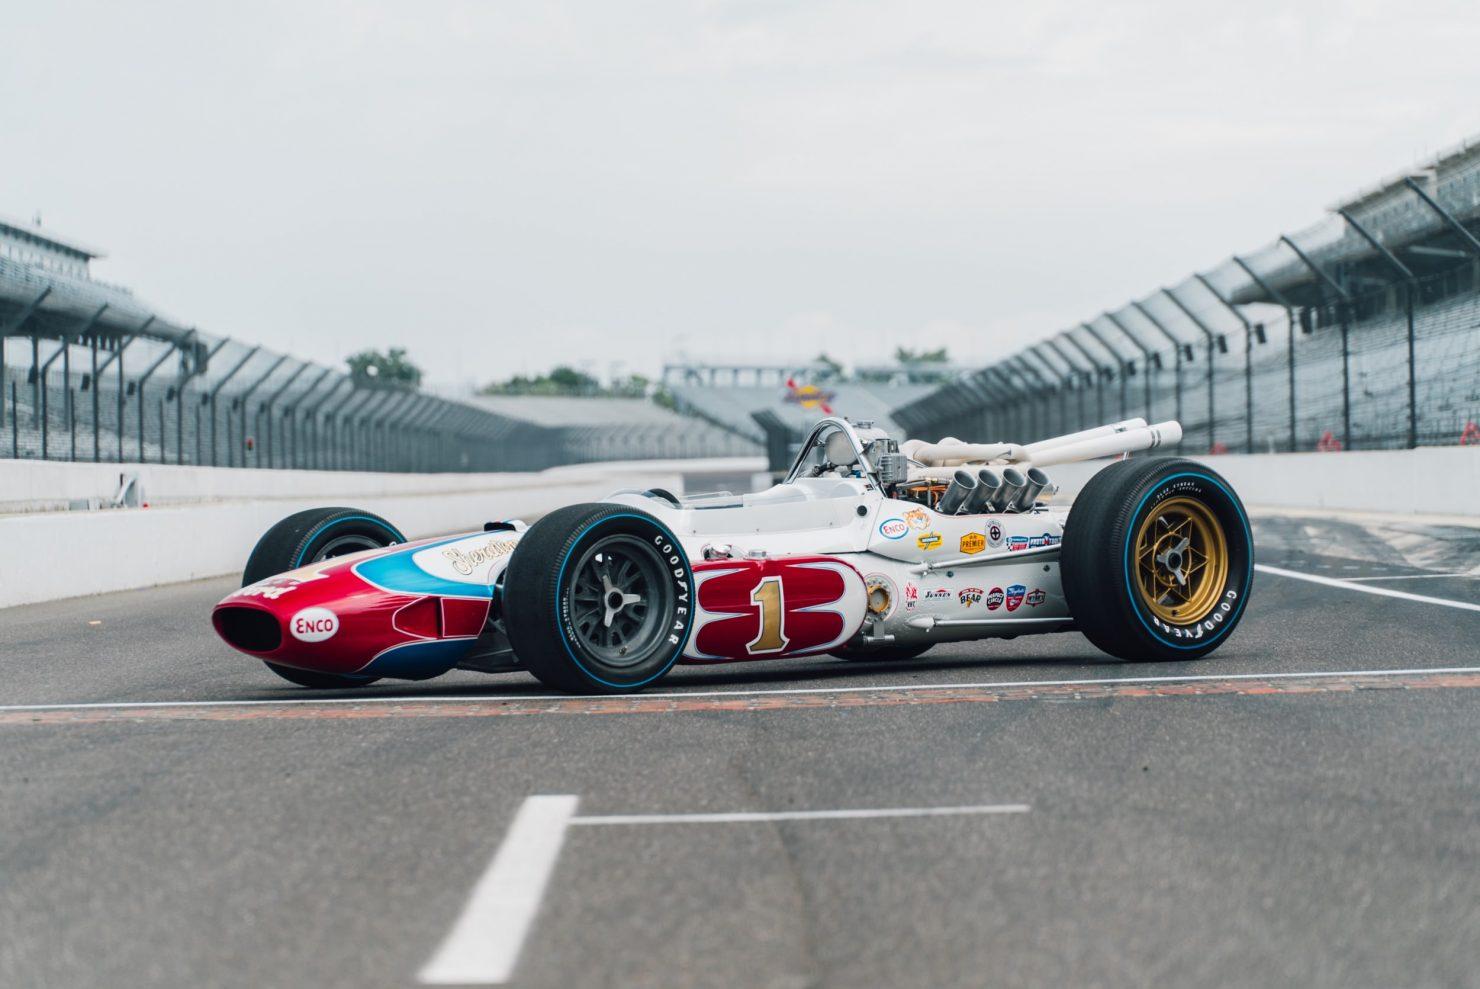 lotus type 34 indy 500 car 36 1480x989 - 1964 Lotus Type 34